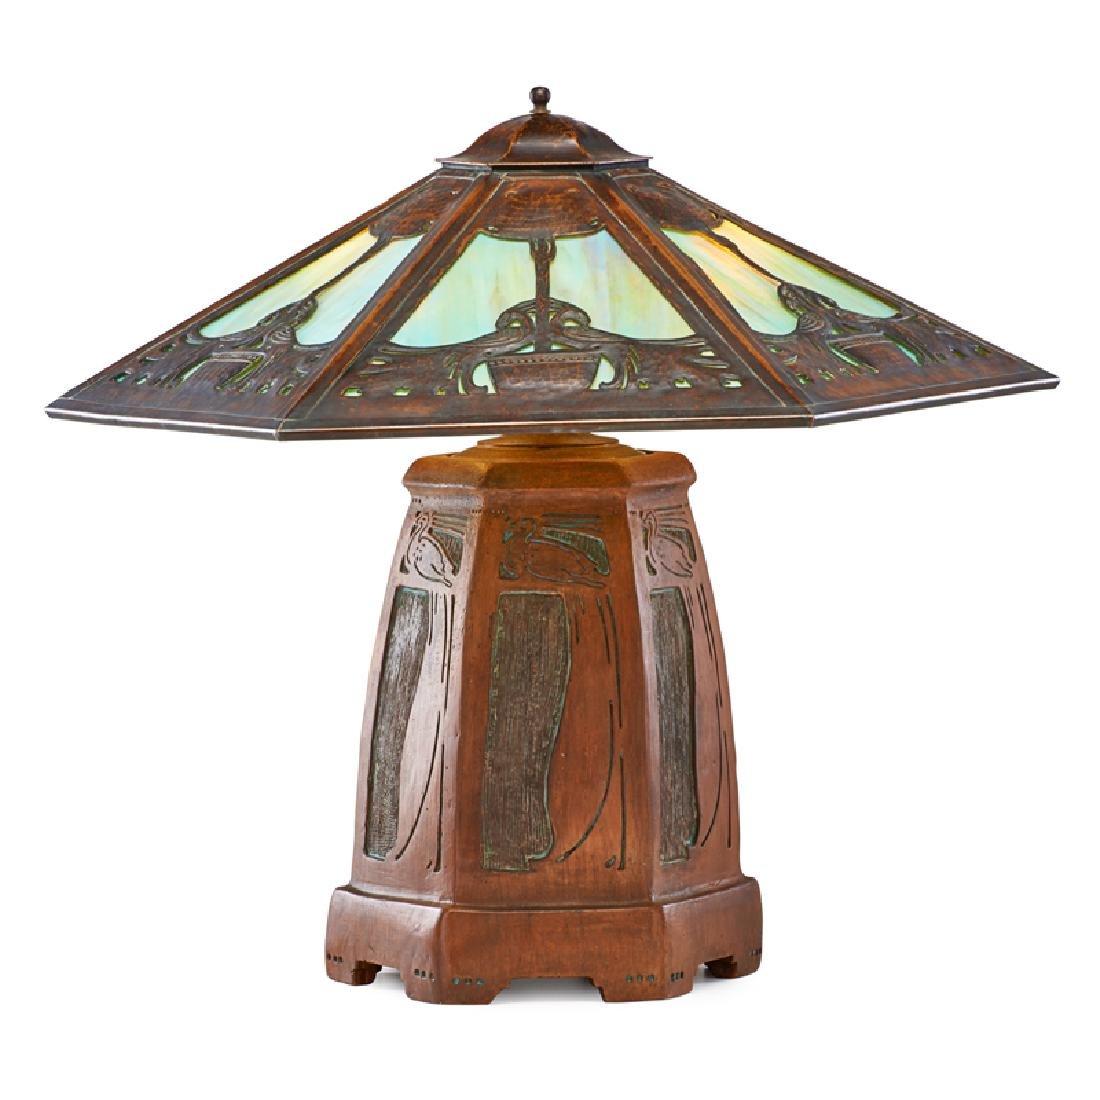 ERNEST BATCHELDER; D. DONALDSON Unique peacock lamp